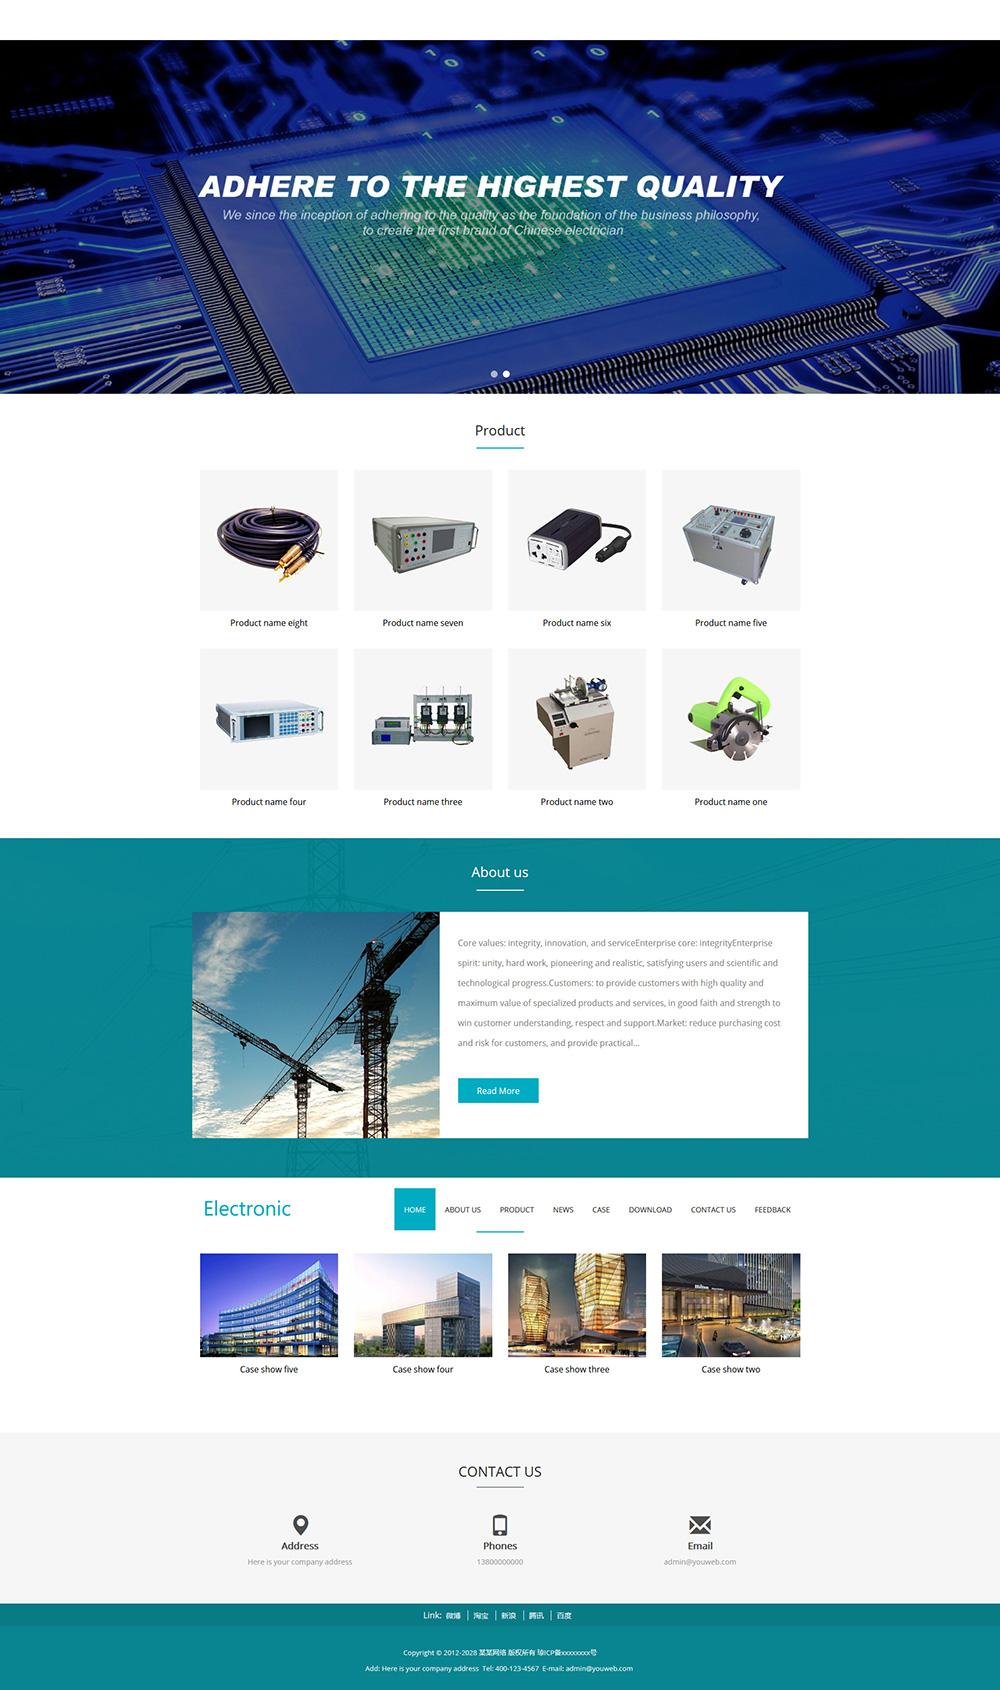 电子元件外贸网站建设响应式英文企业网站模